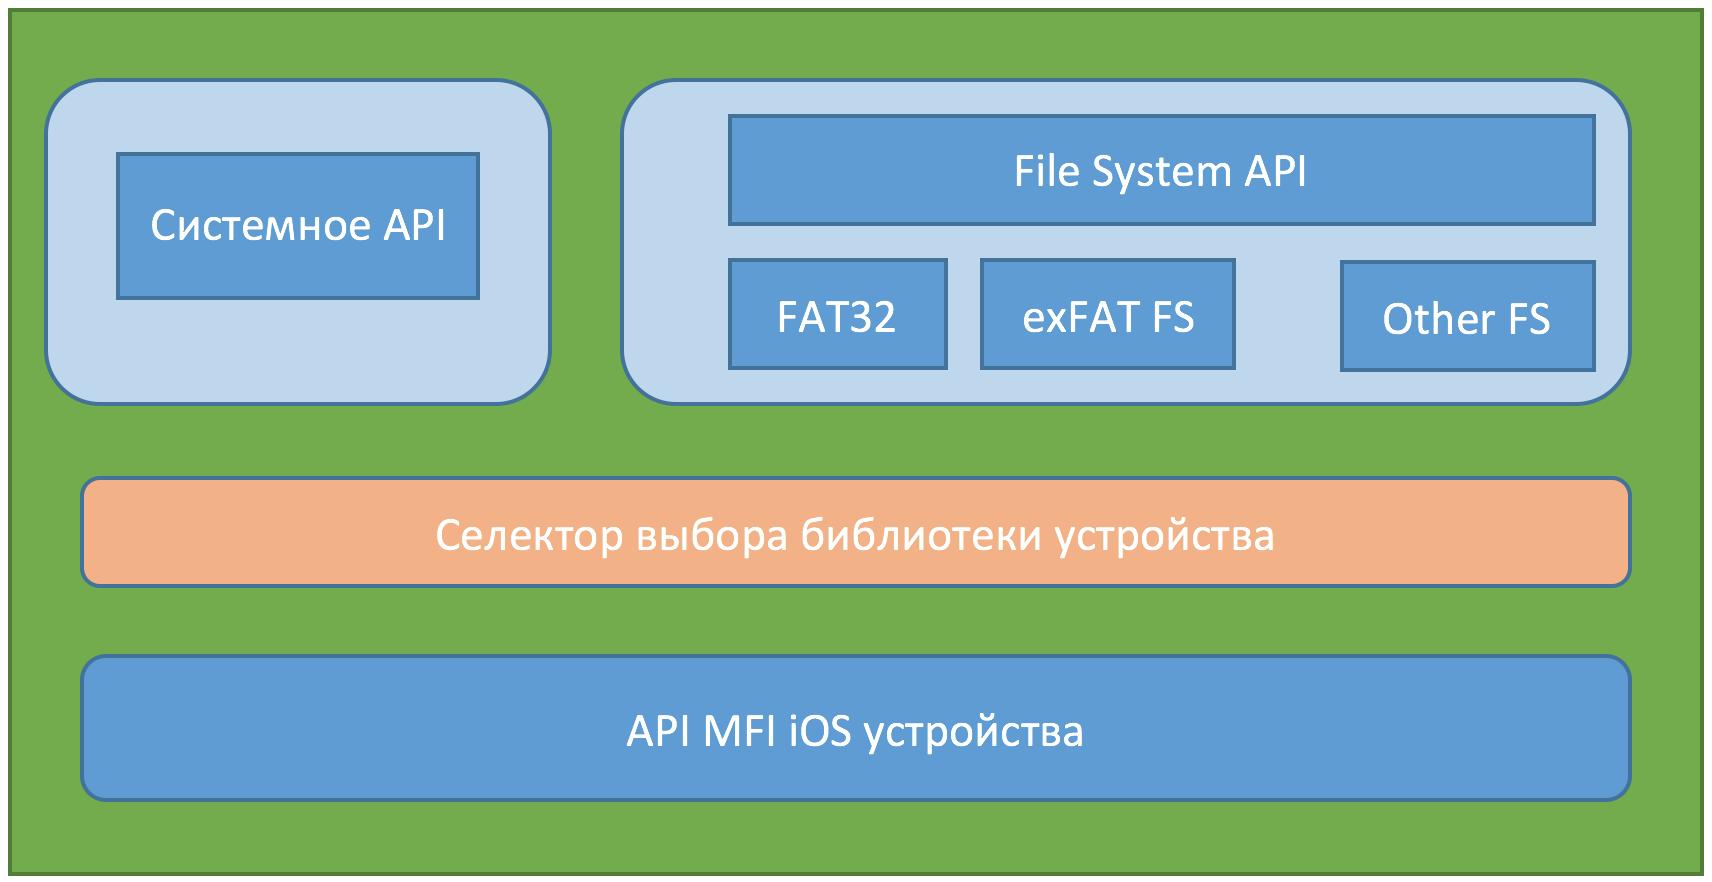 Интеграция FATFS библиотеки для организации чтения дискового устройства на iOS - 1